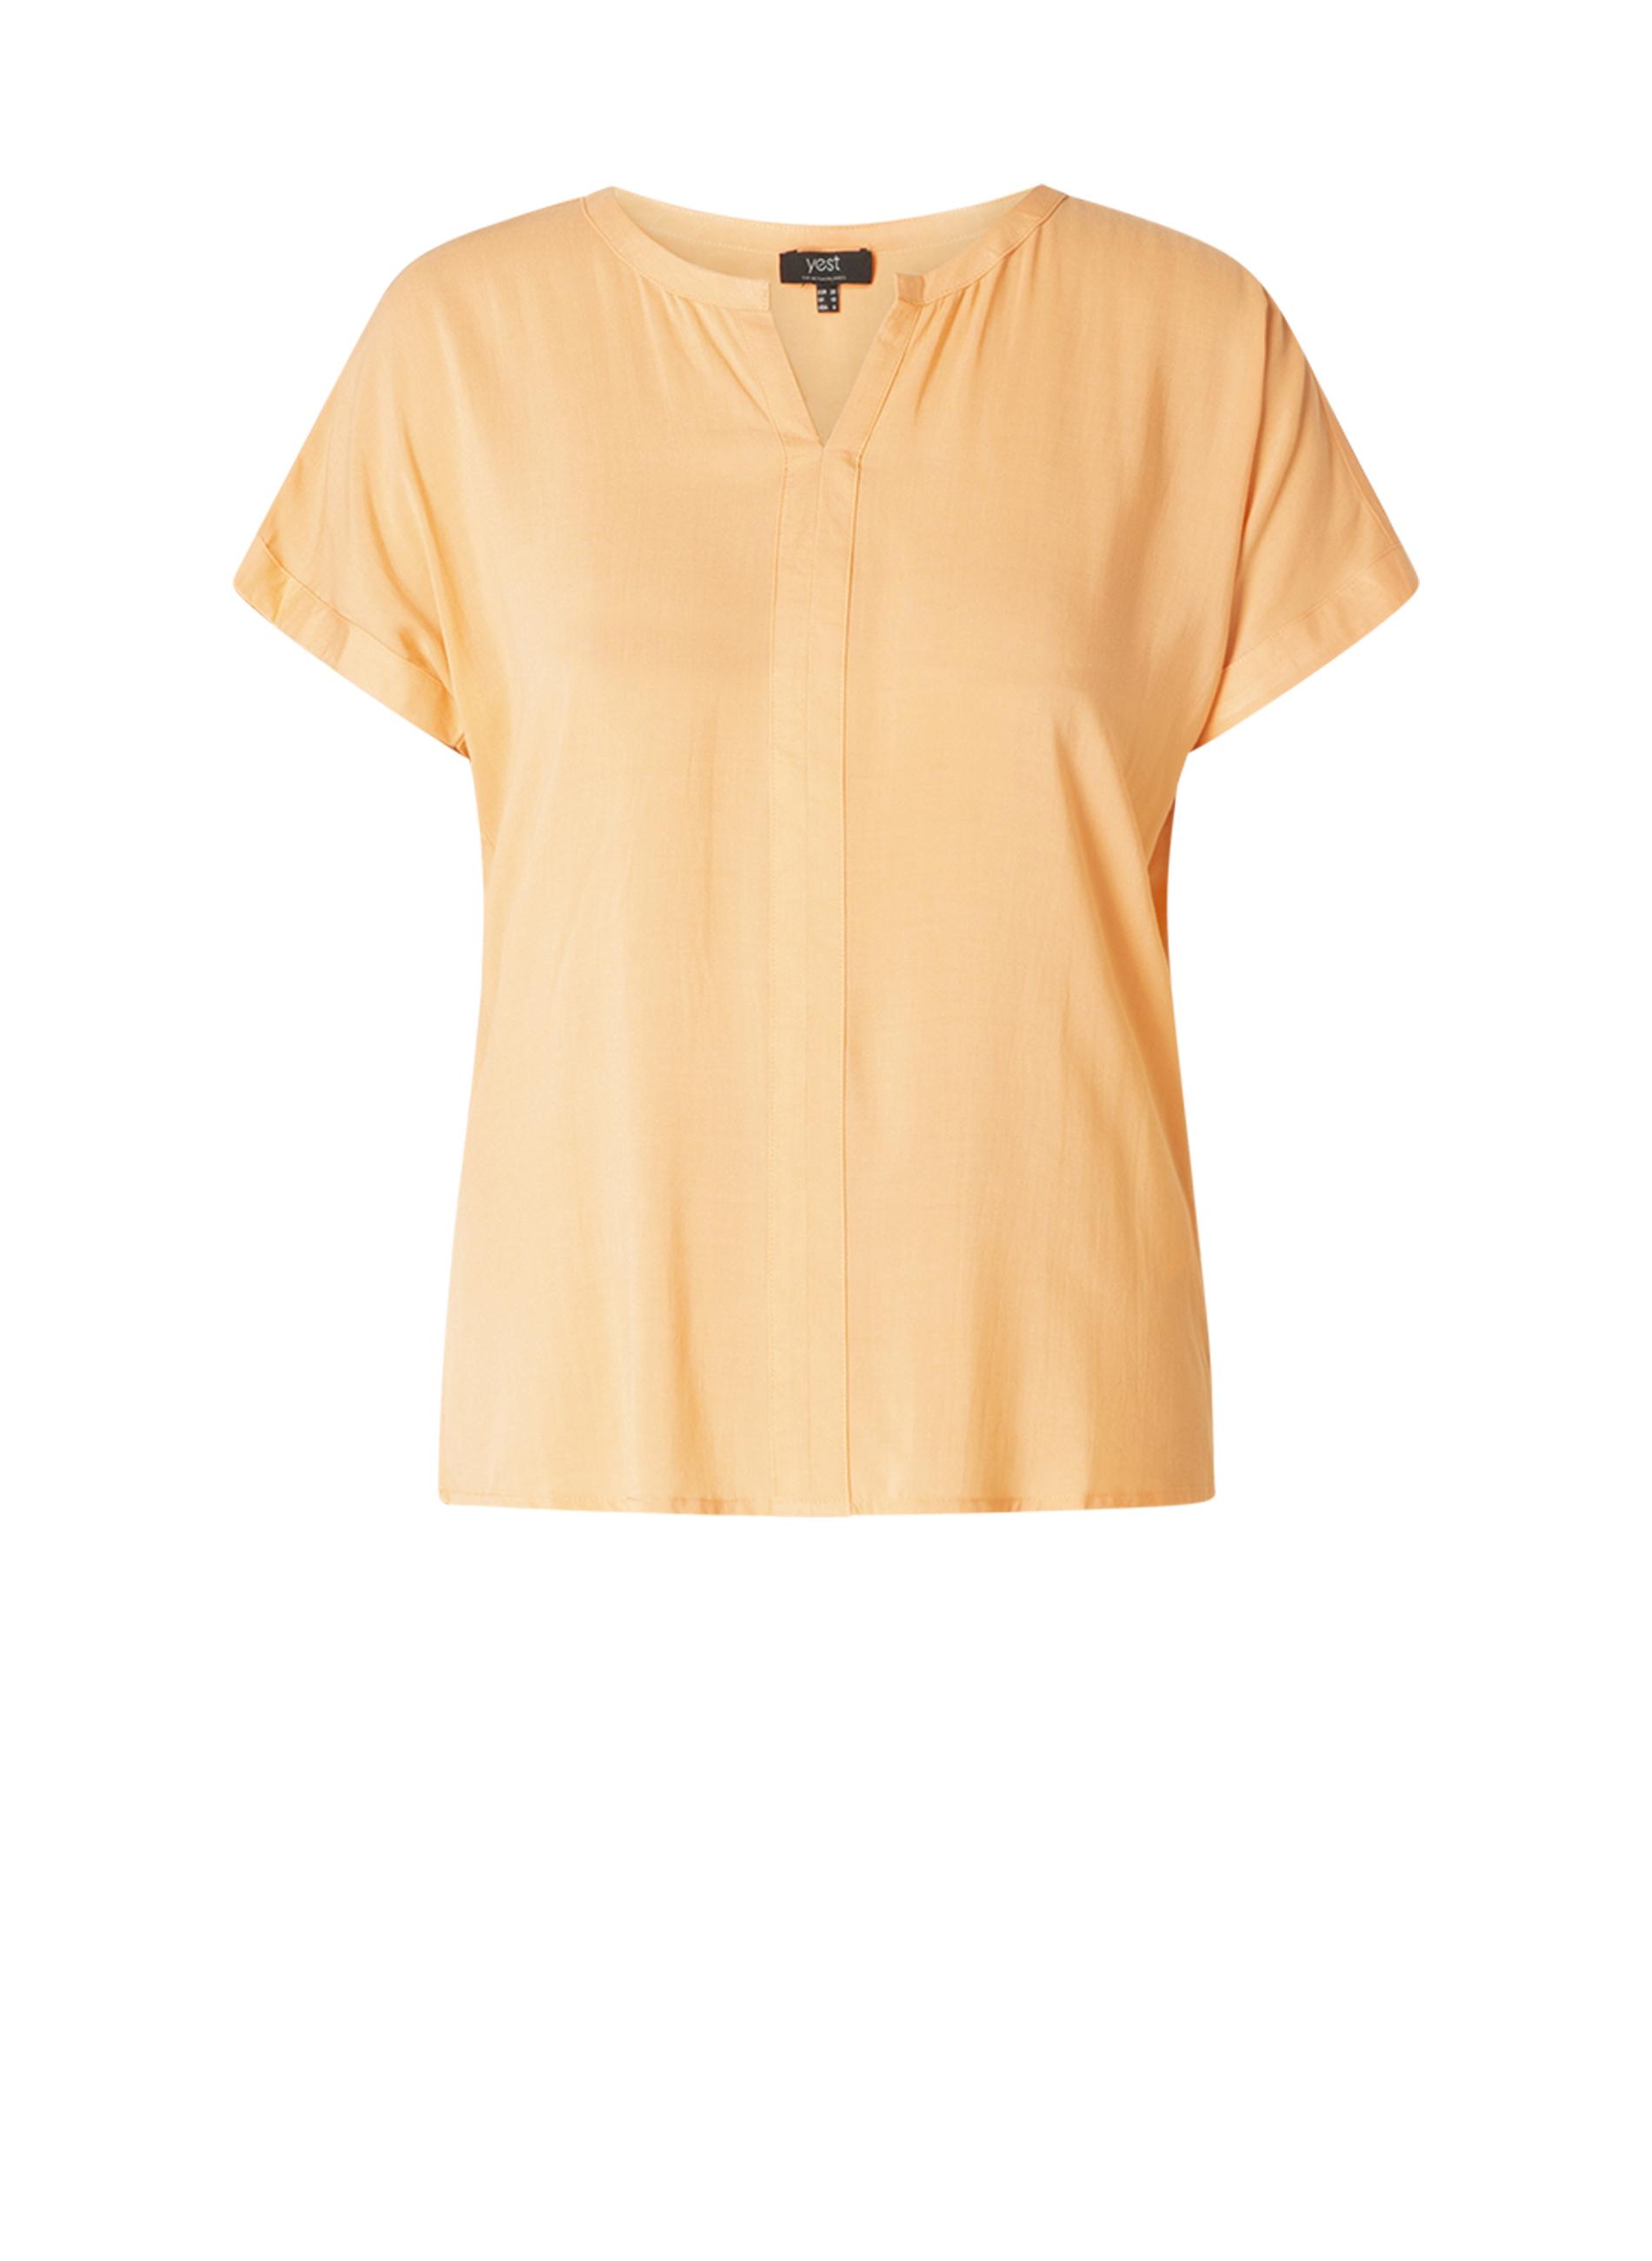 Yest blouse Kimmy 66 cm